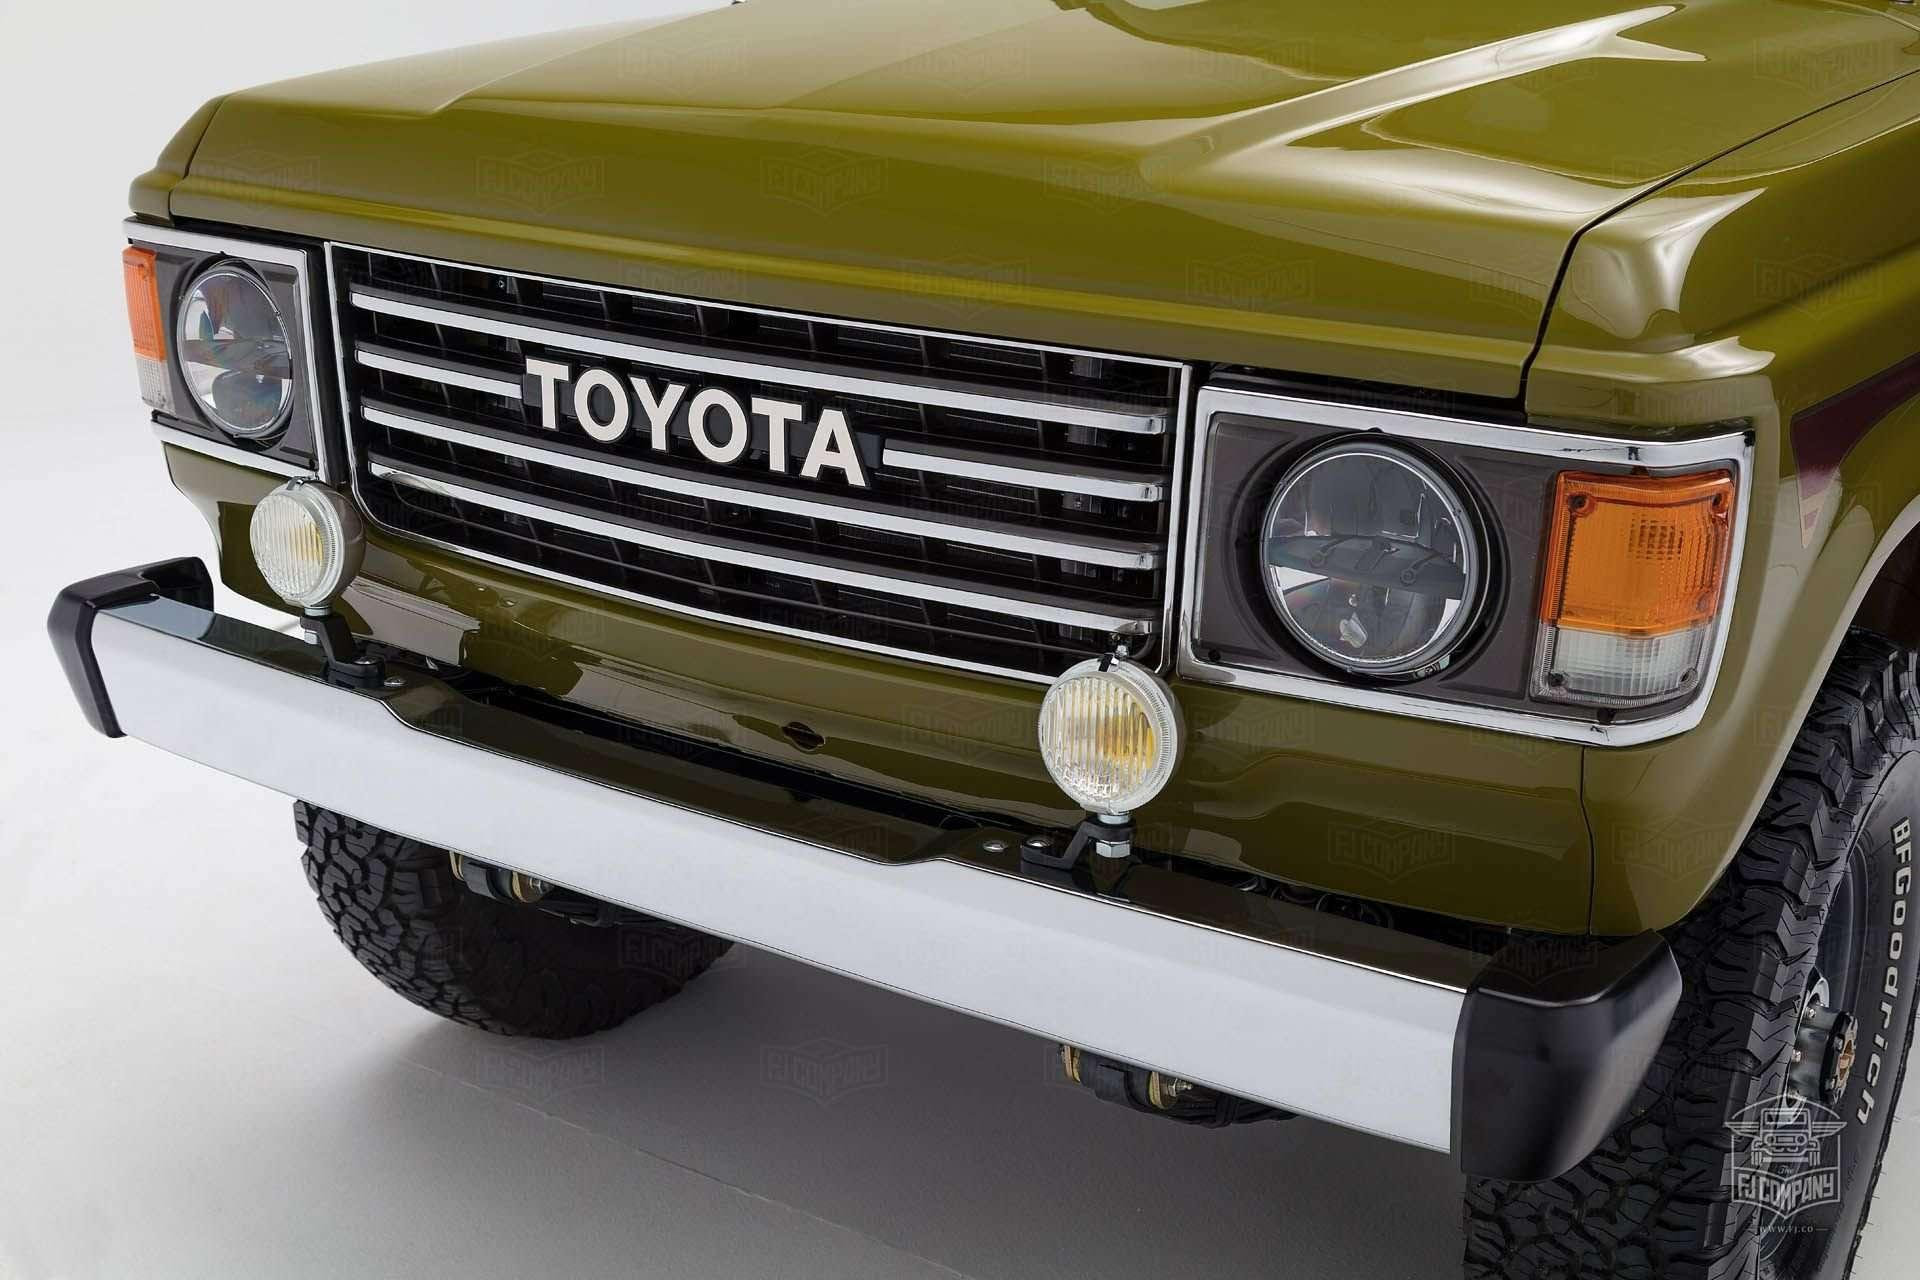 Абсолютно новый Toyota Land Cruiser 1986 года. Да, такое бывает!— фото 877223